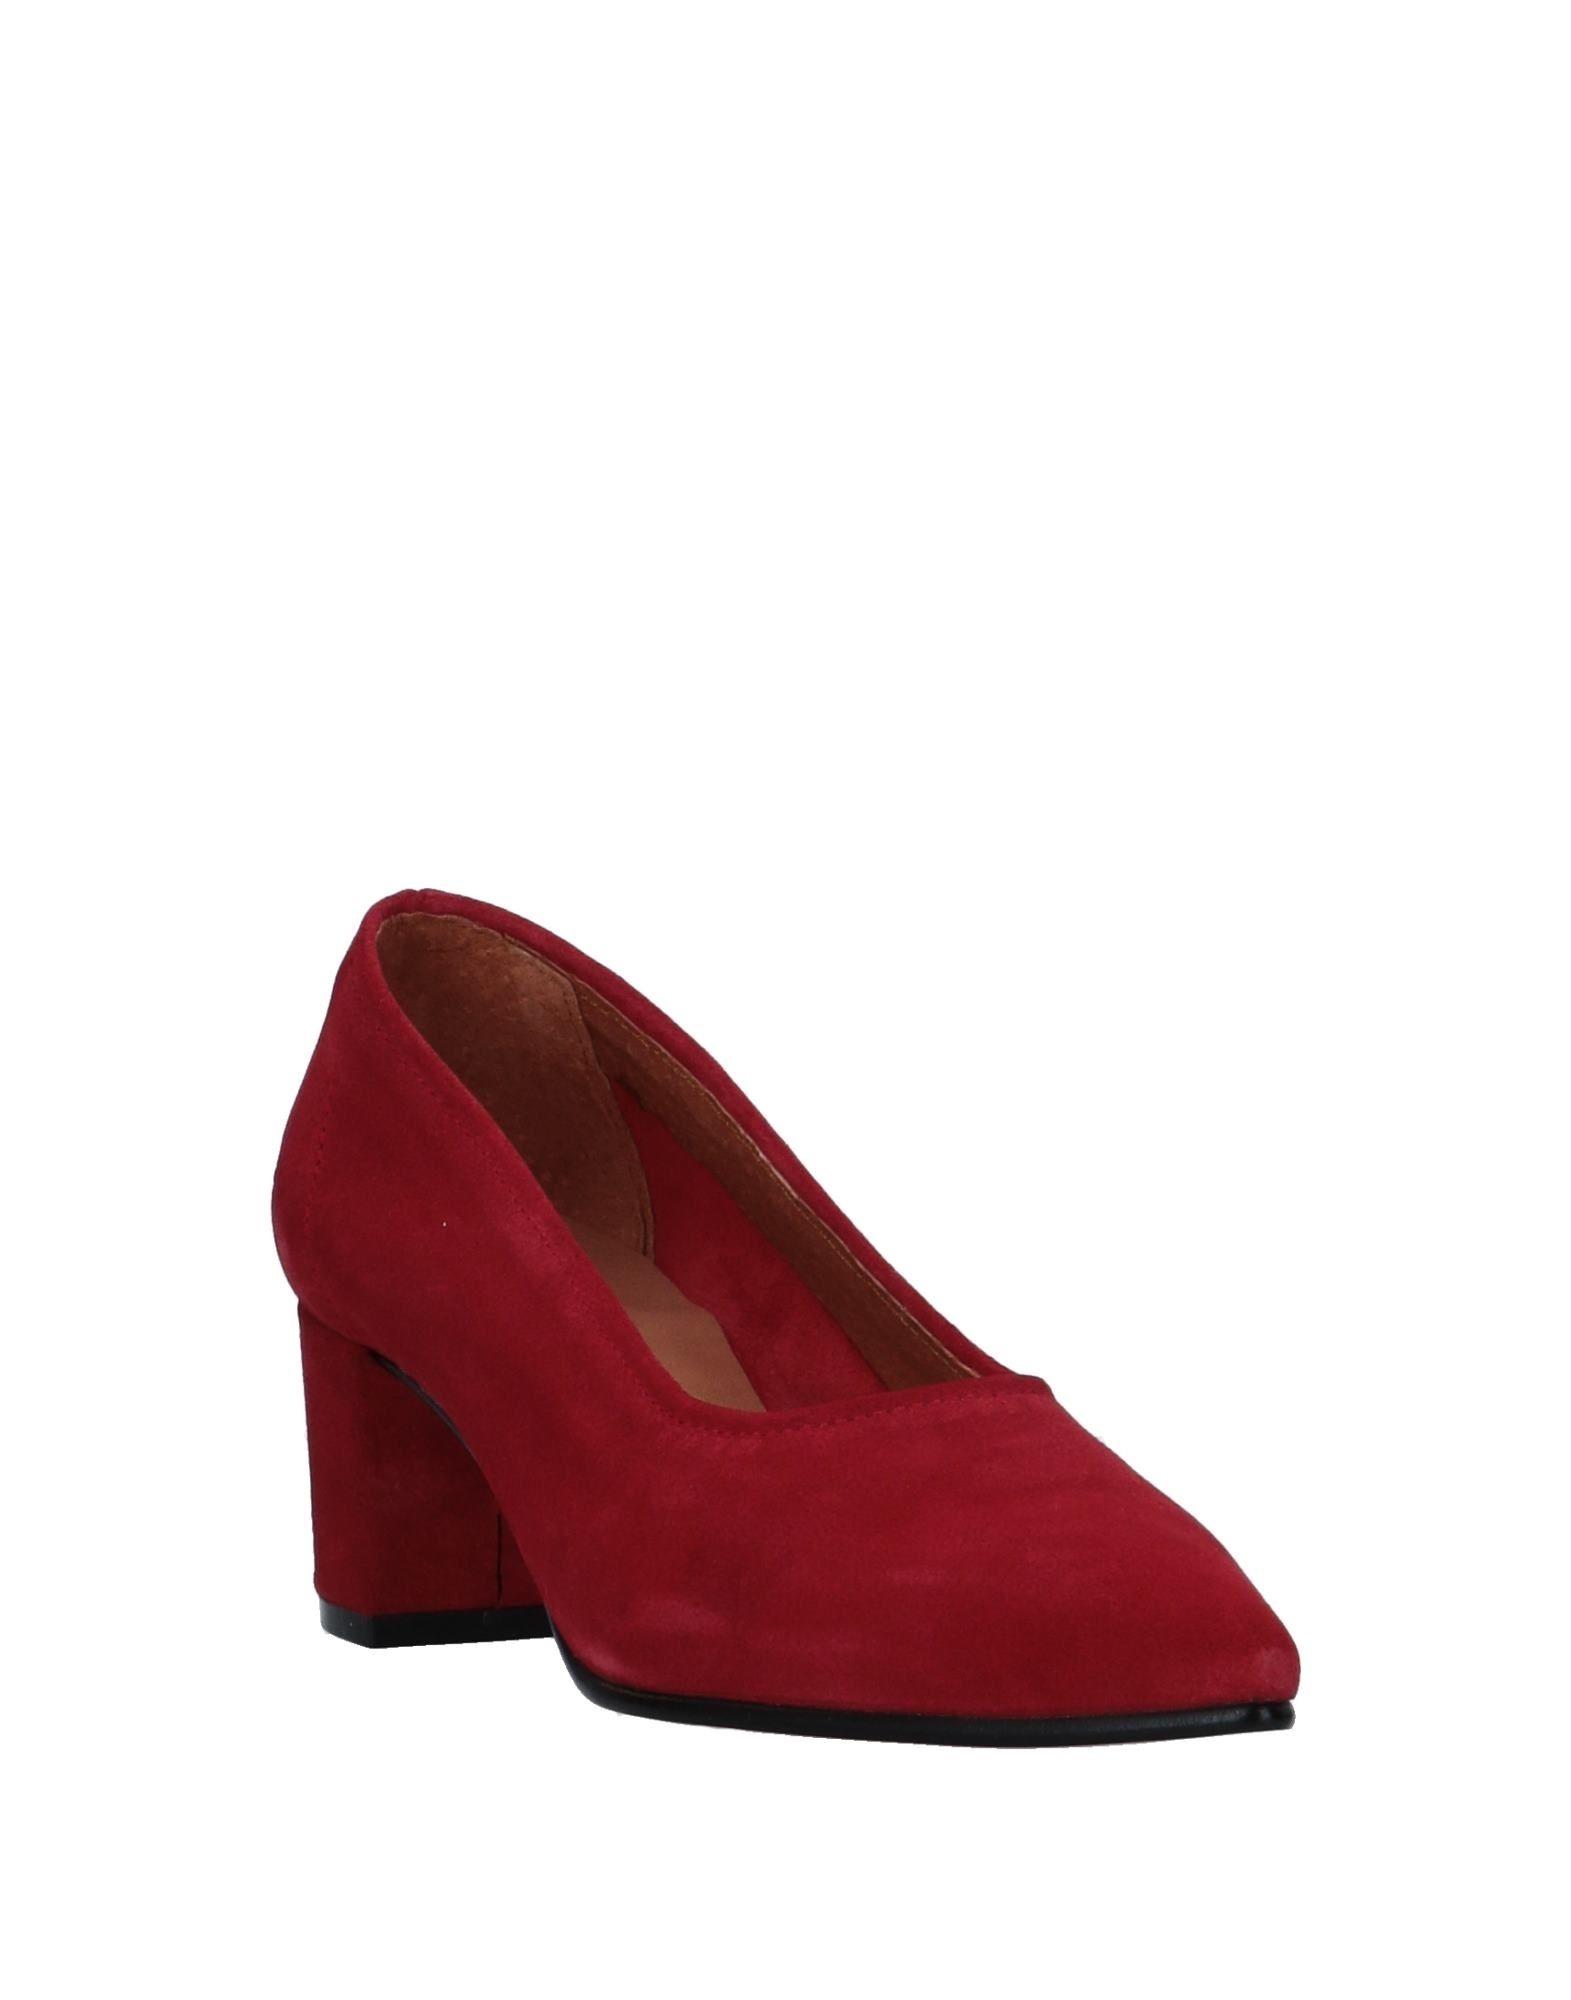 67 Sixtyseven Pumps Damen Schuhe  11544729UU Gute Qualität beliebte Schuhe Damen 338bf5